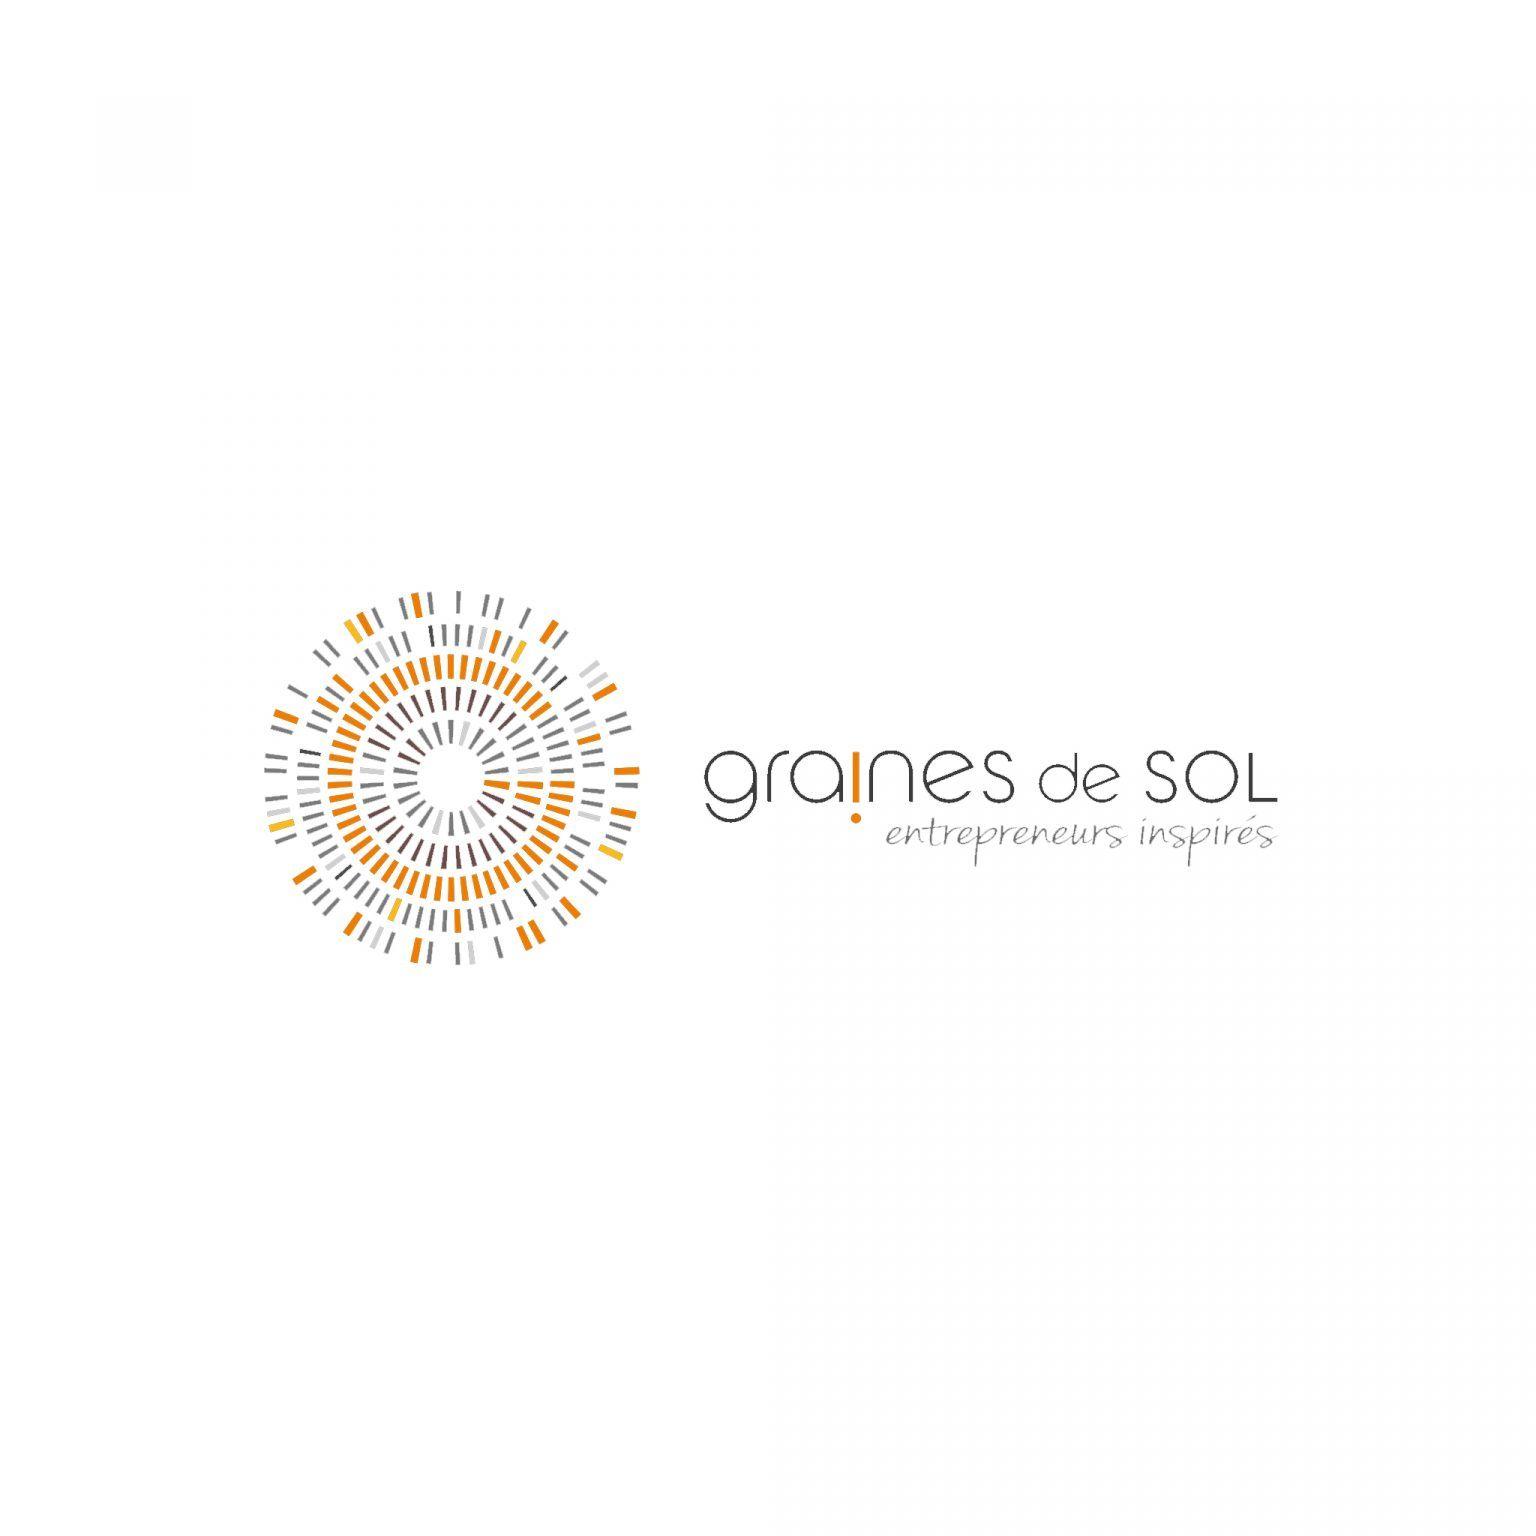 Graines de SOL